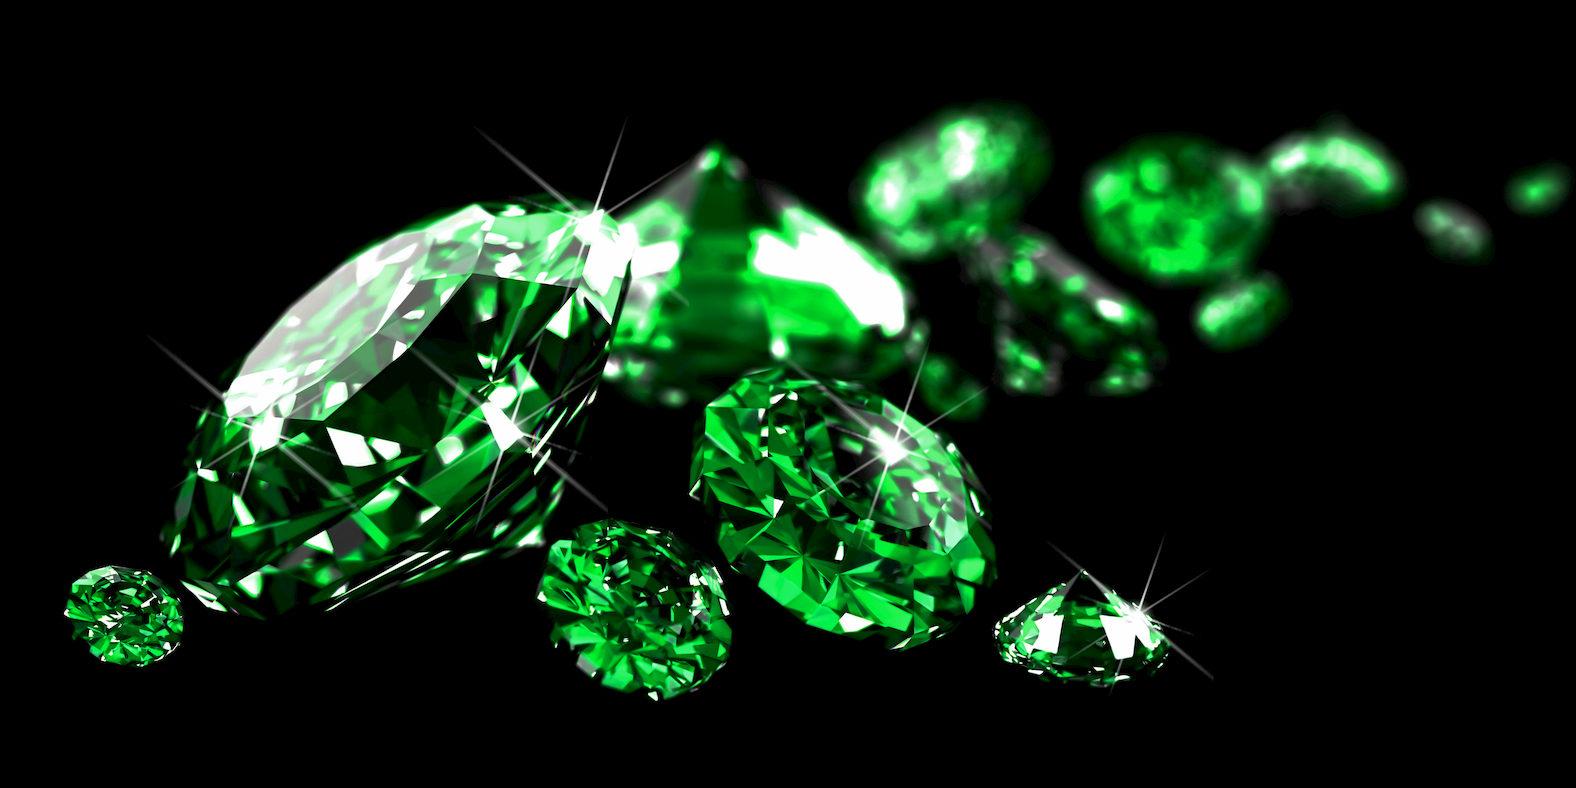 Smaragde vor schwarzem Hintergrund